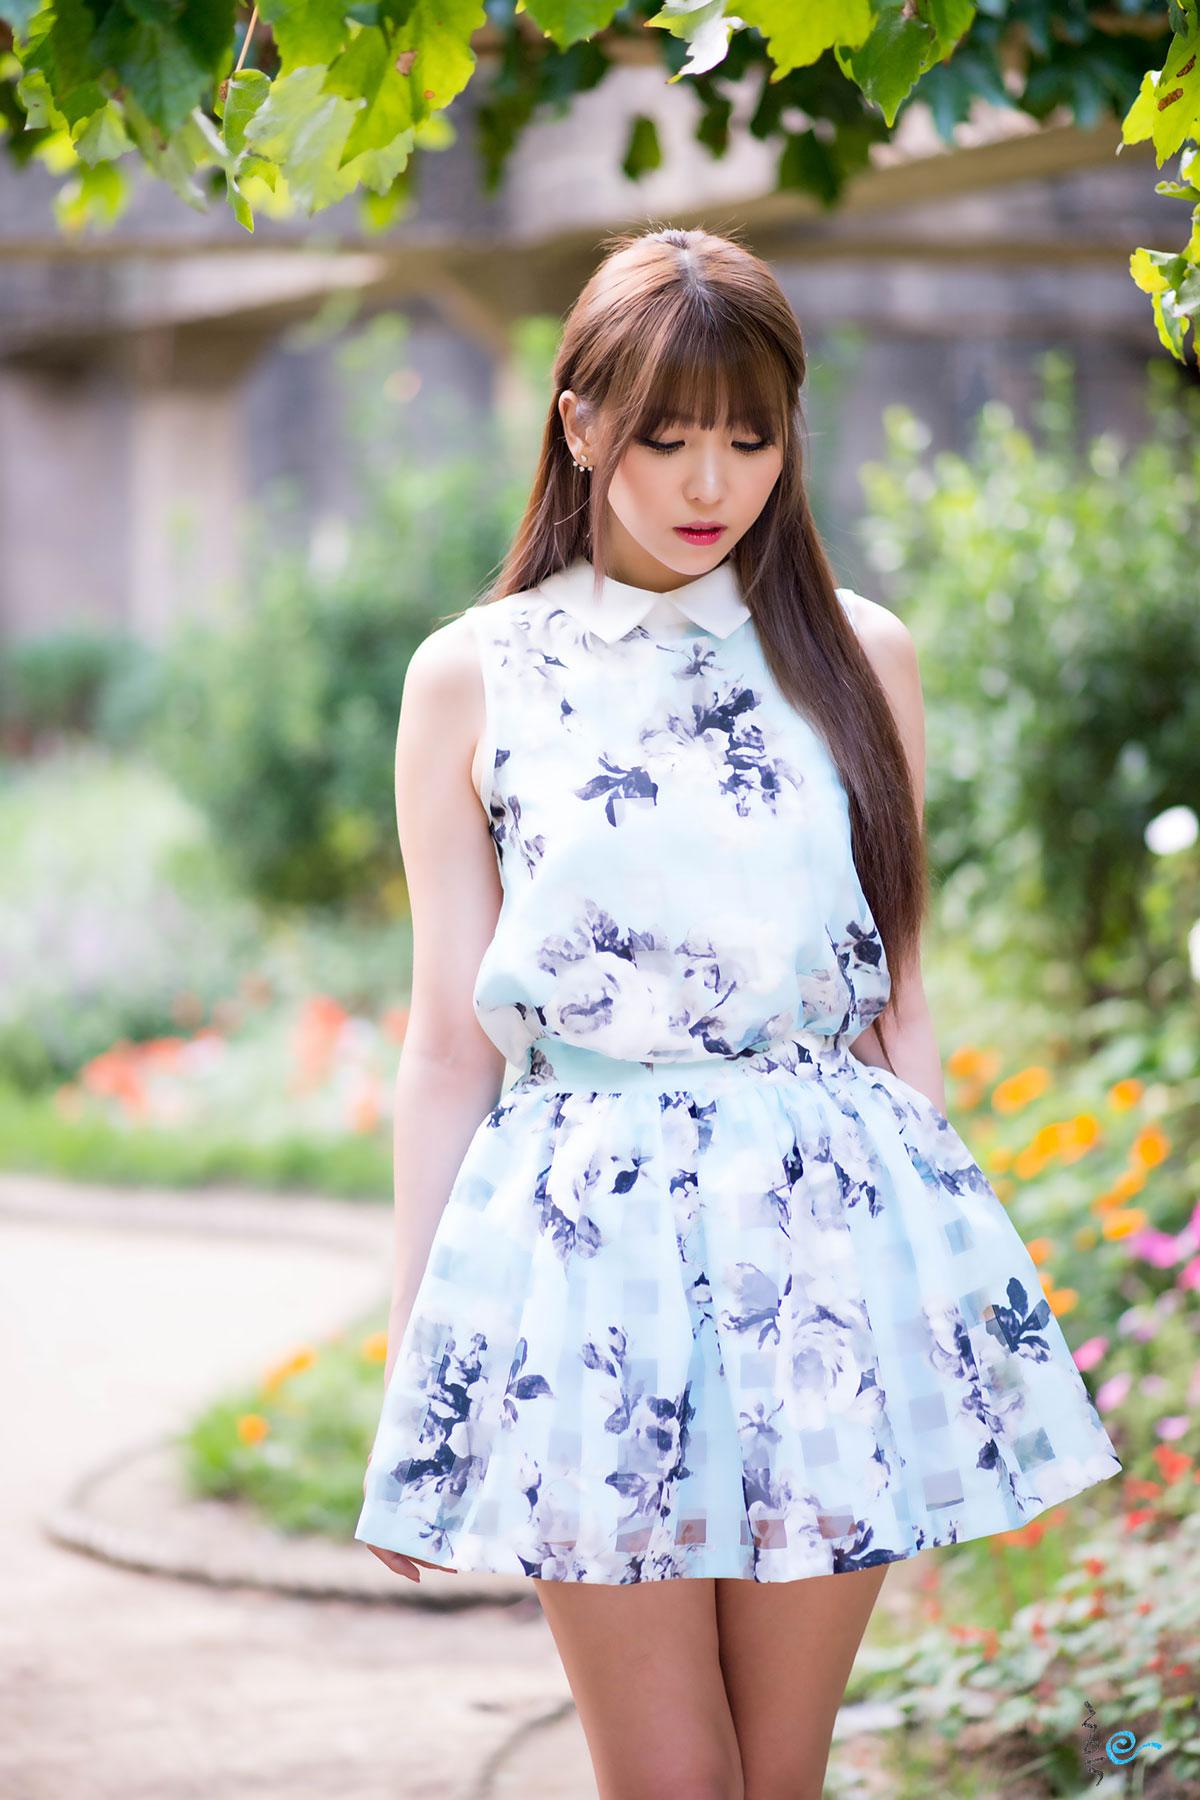 Korean model Lee Eun Hye outdoor photoshoot